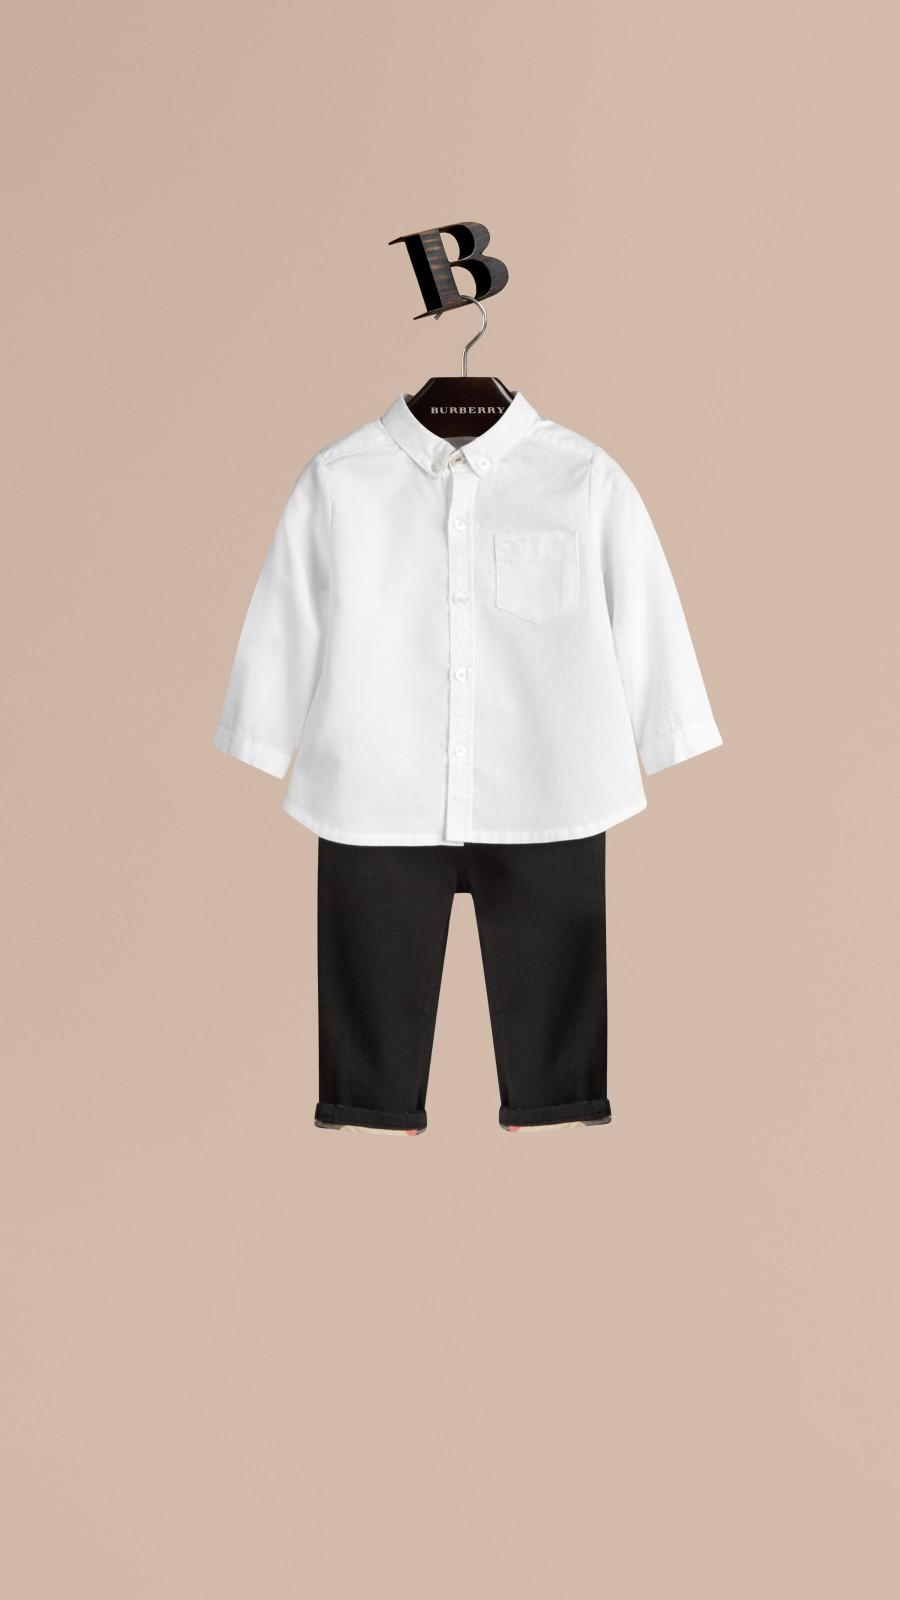 White Cotton Oxford Shirt White - Image 1